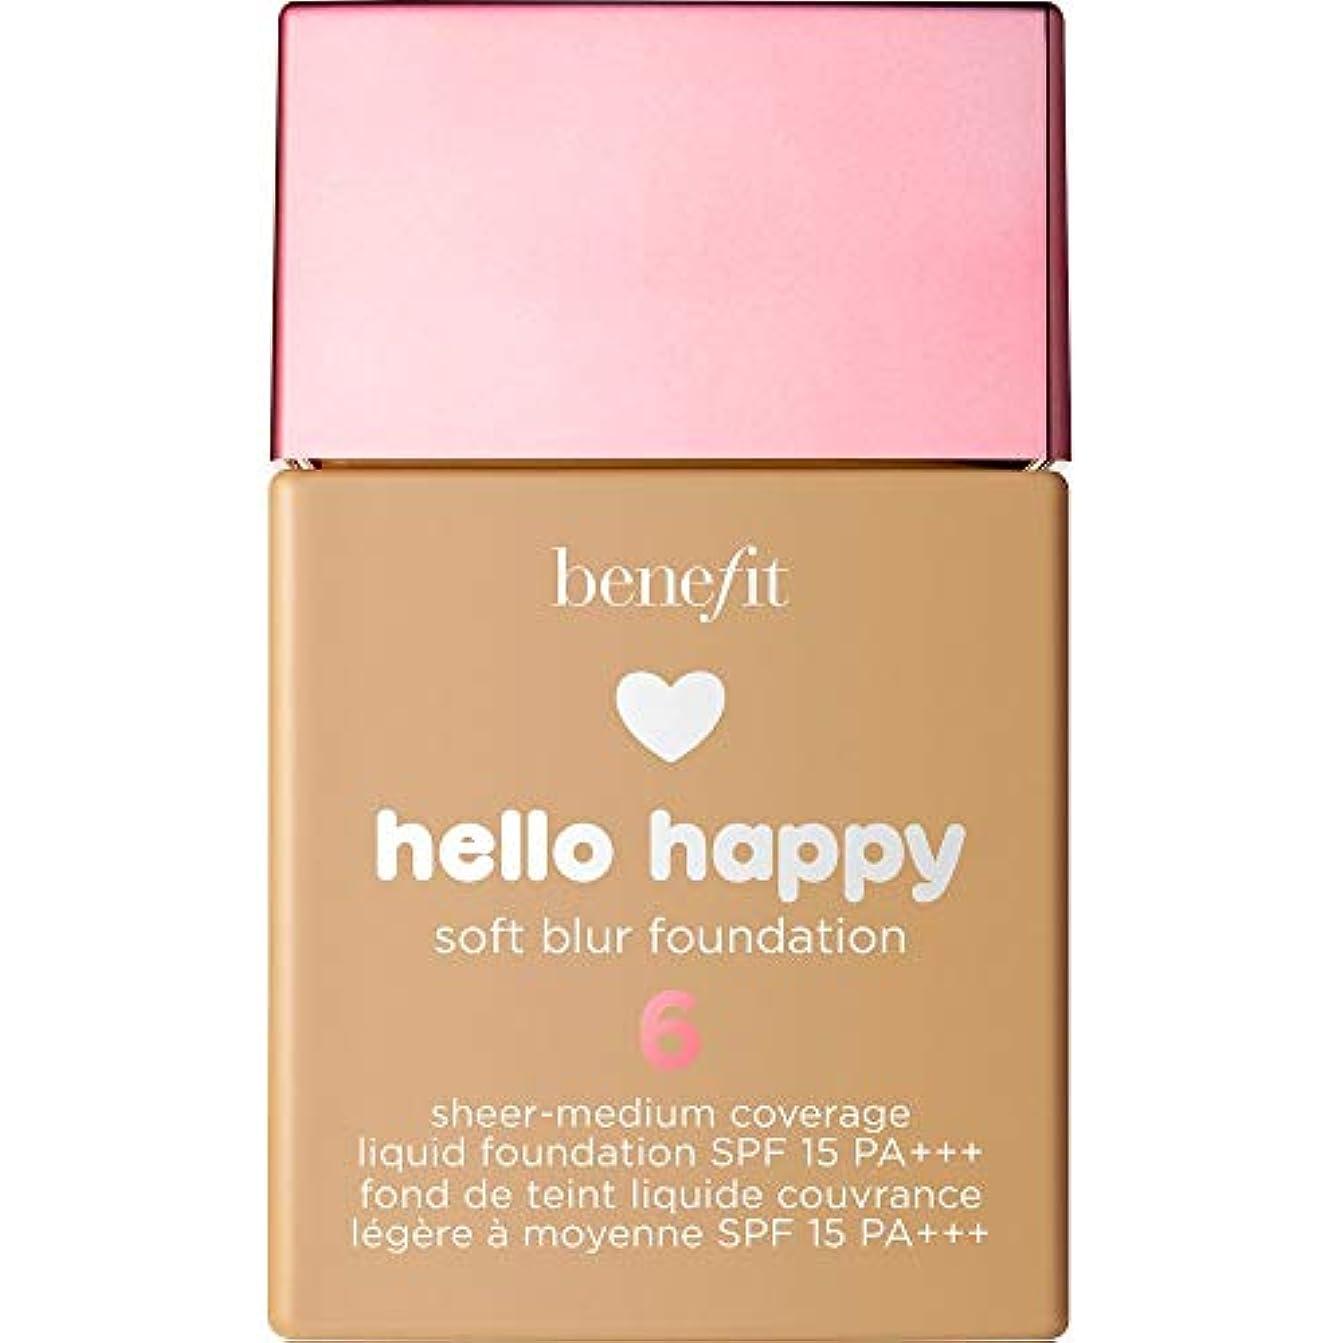 在庫引き受ける抱擁[Benefit] こんにちは幸せなソフトブラー基礎Spf15 30ミリリットル6に利益をもたらす - 温培地 - Benefit Hello Happy Soft Blur Foundation SPF15 30ml...